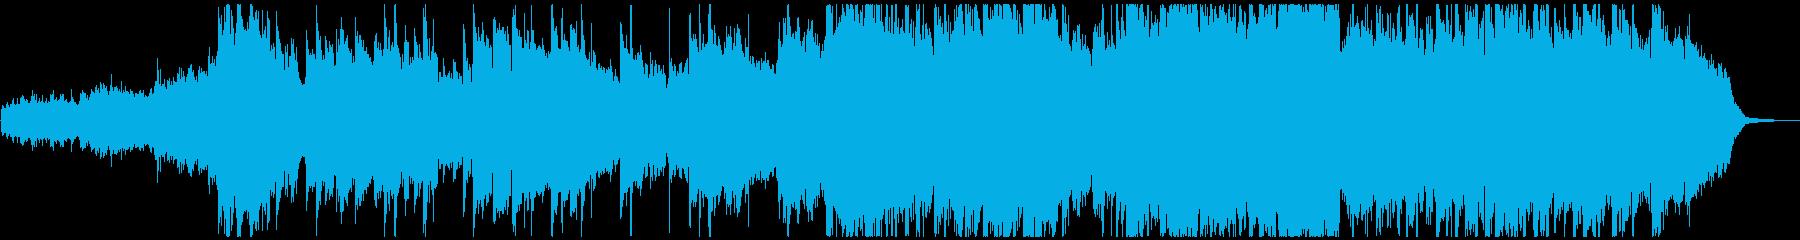 ゆったりと爽やかで壮大なジングルの再生済みの波形